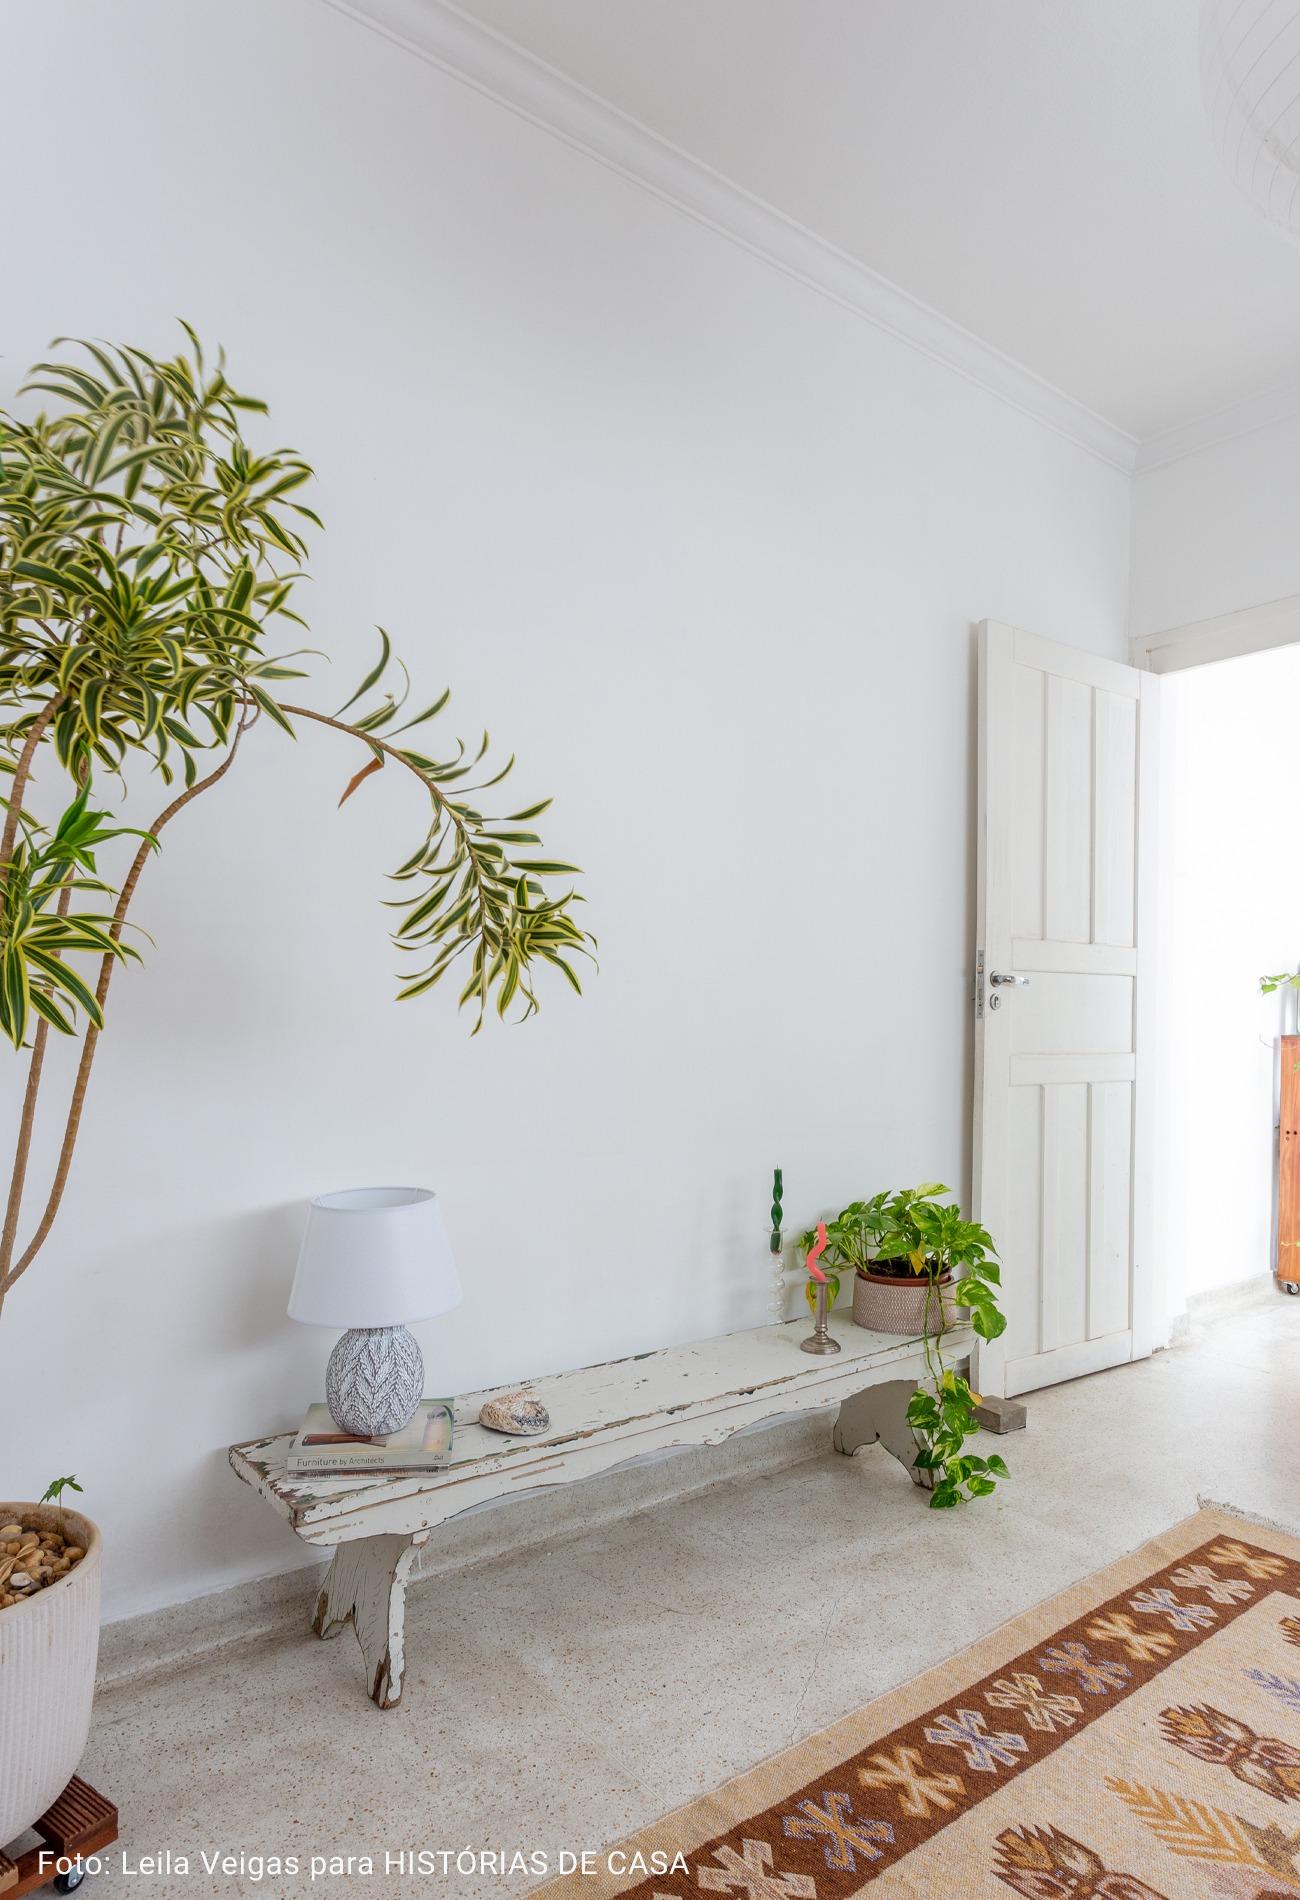 sala com mini árvore